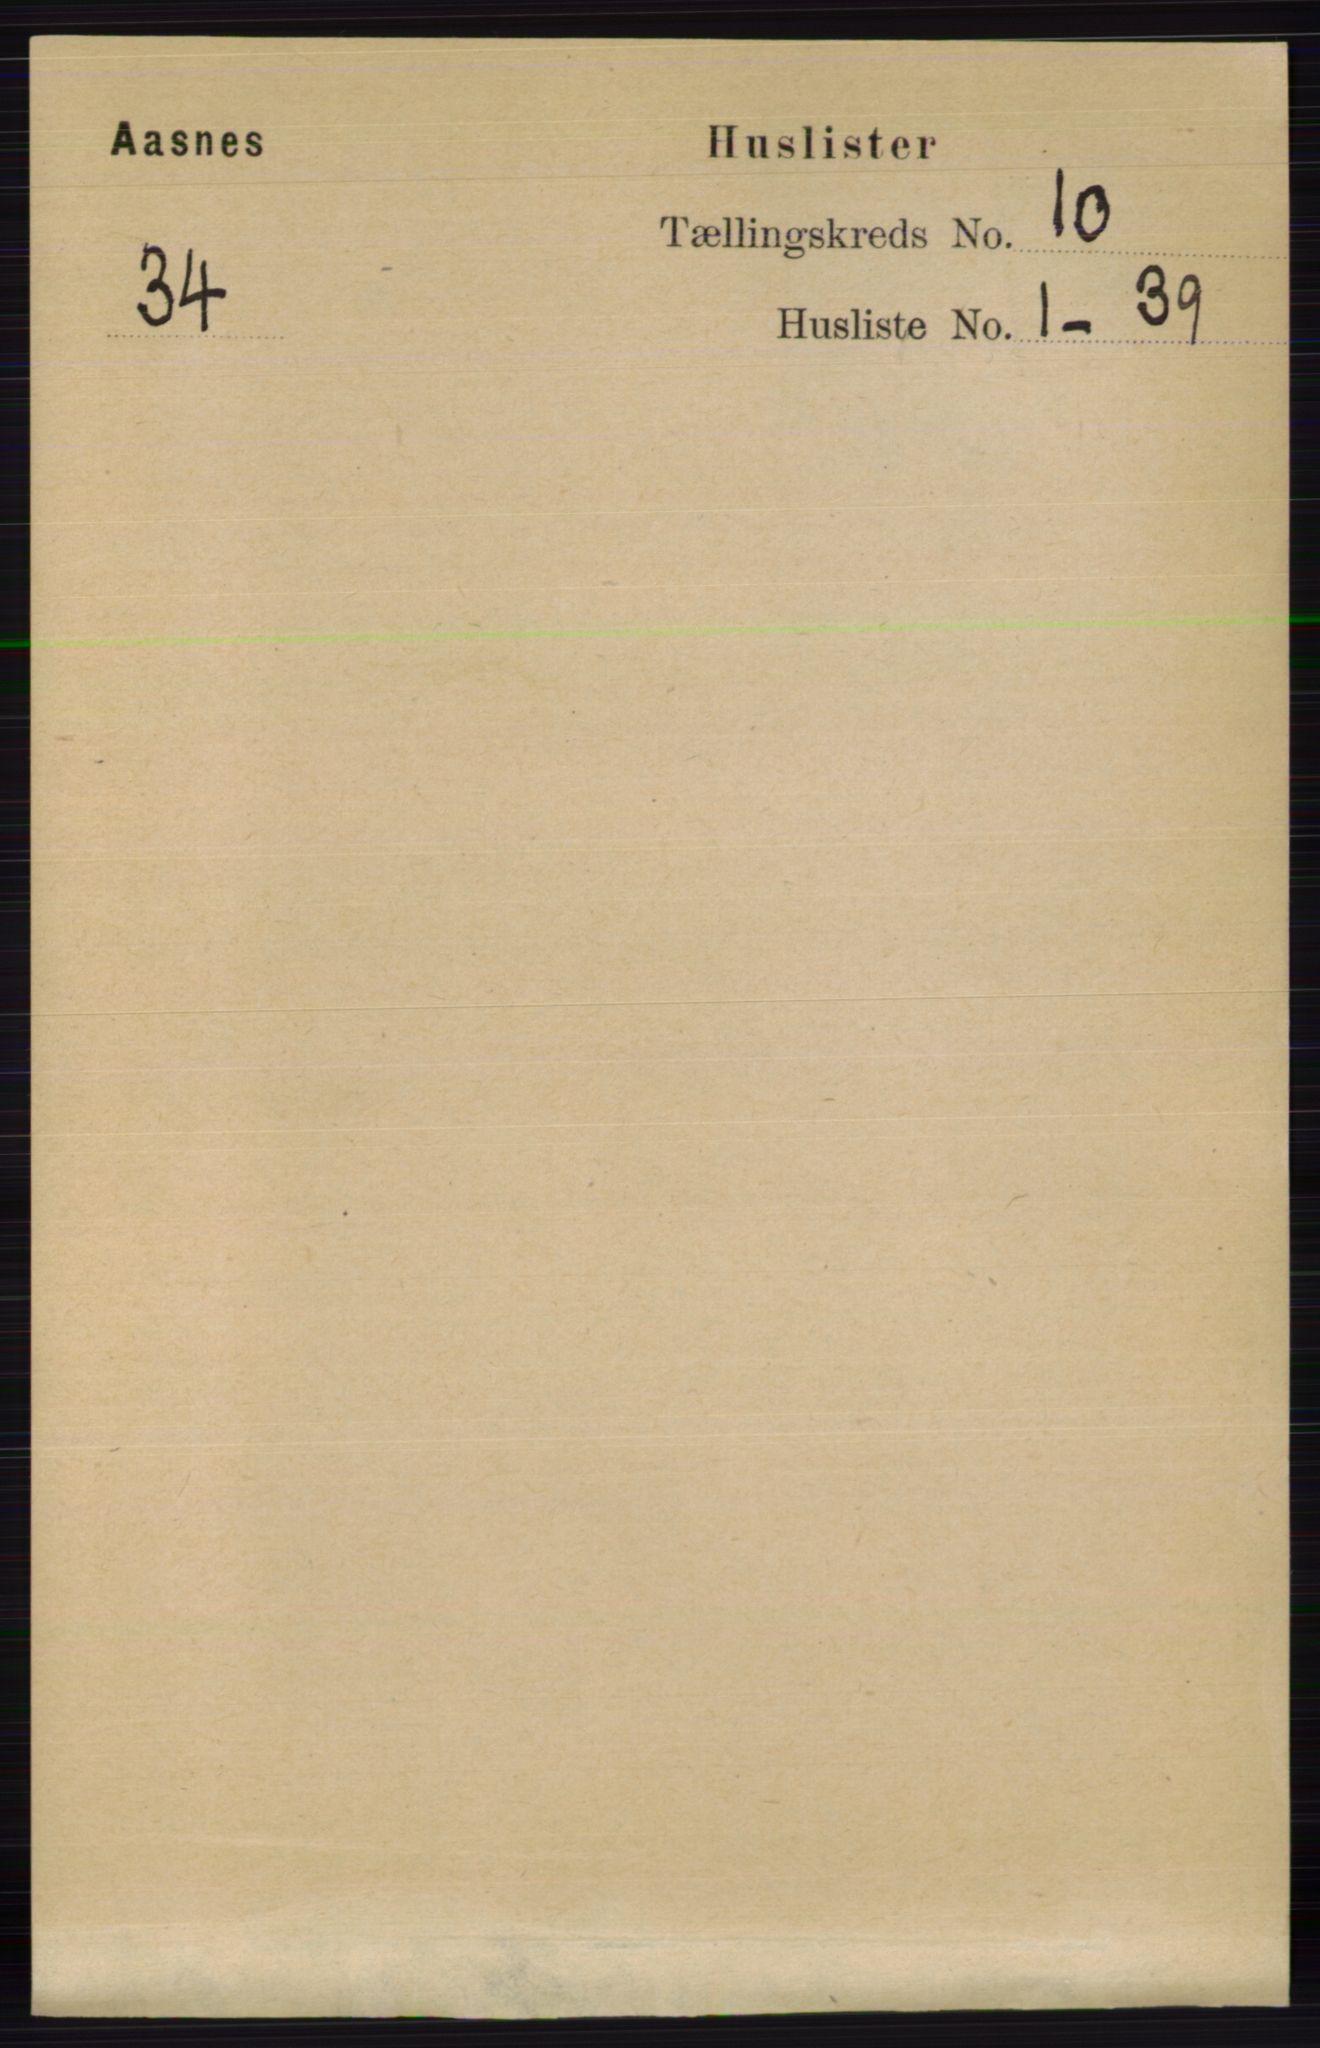 RA, Folketelling 1891 for 0425 Åsnes herred, 1891, s. 4987